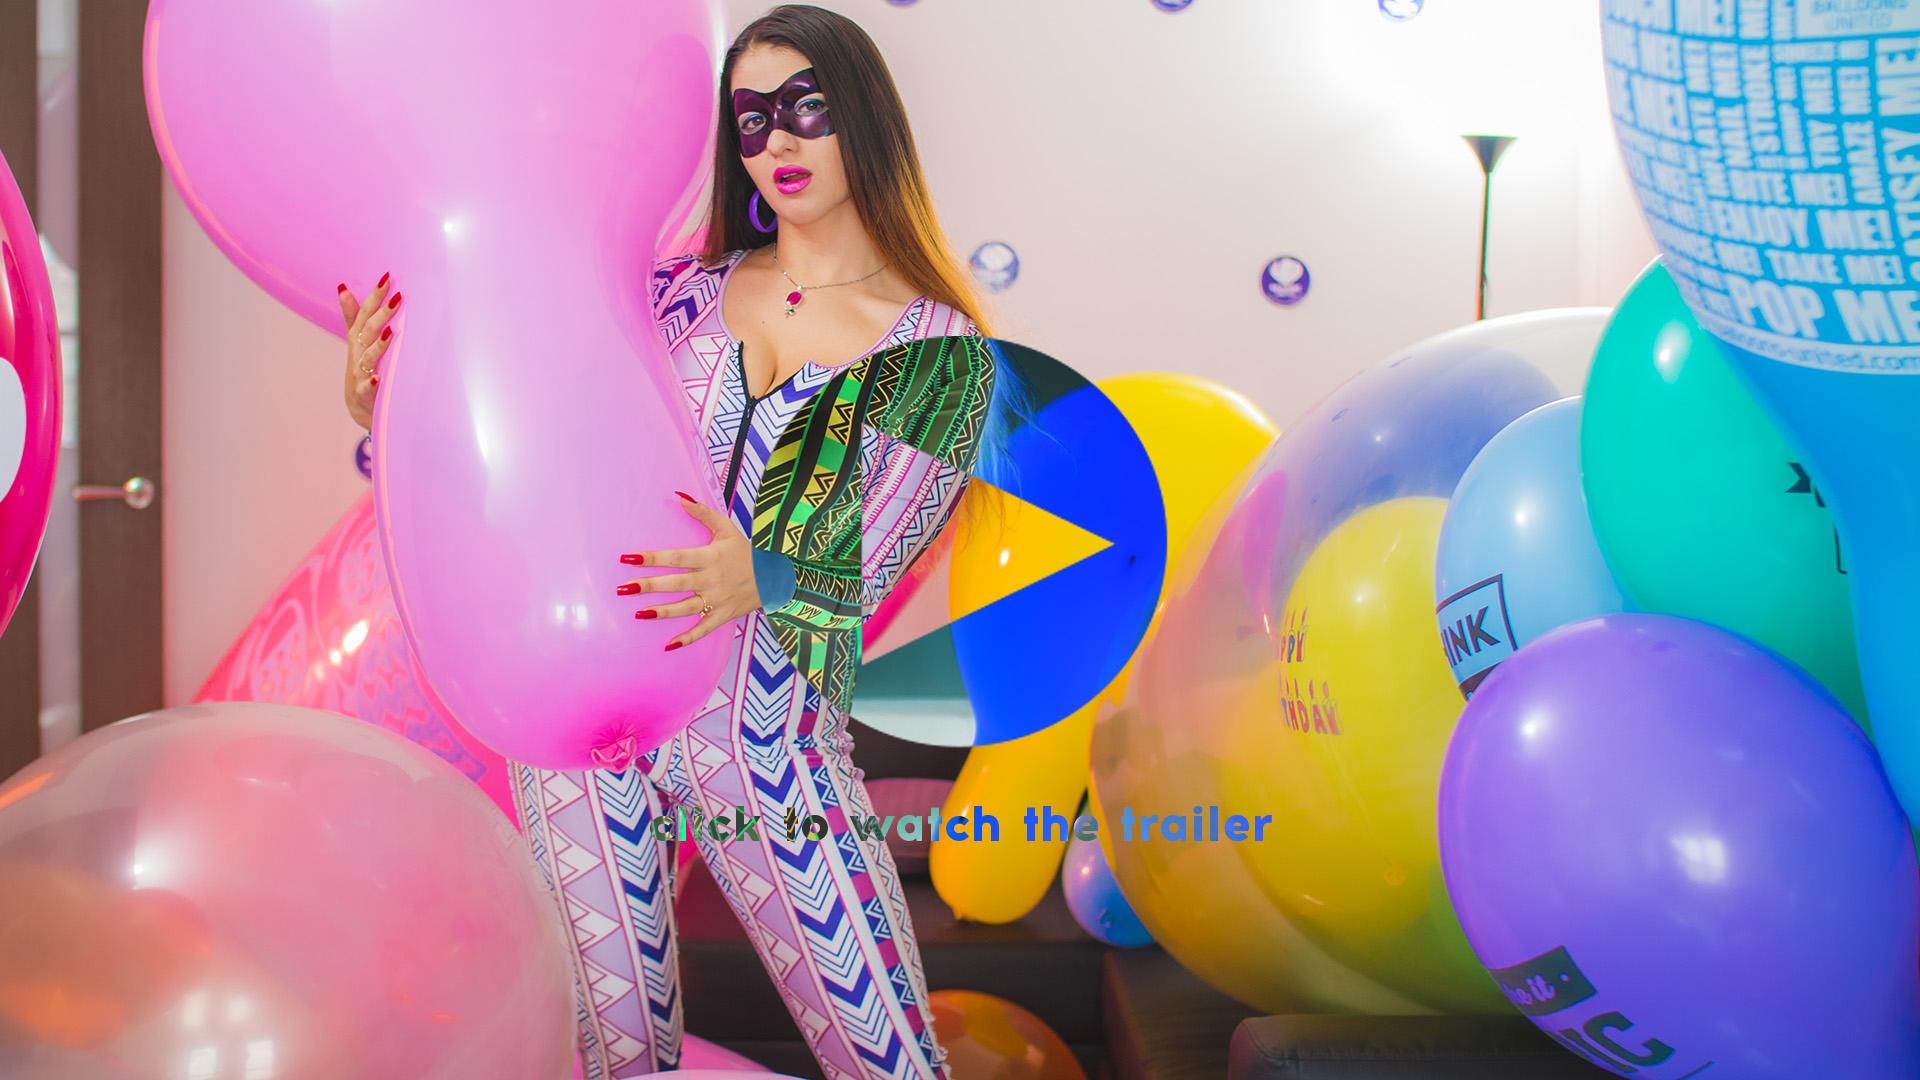 Фильмы онлайн видео как девушки пхнуть шарики